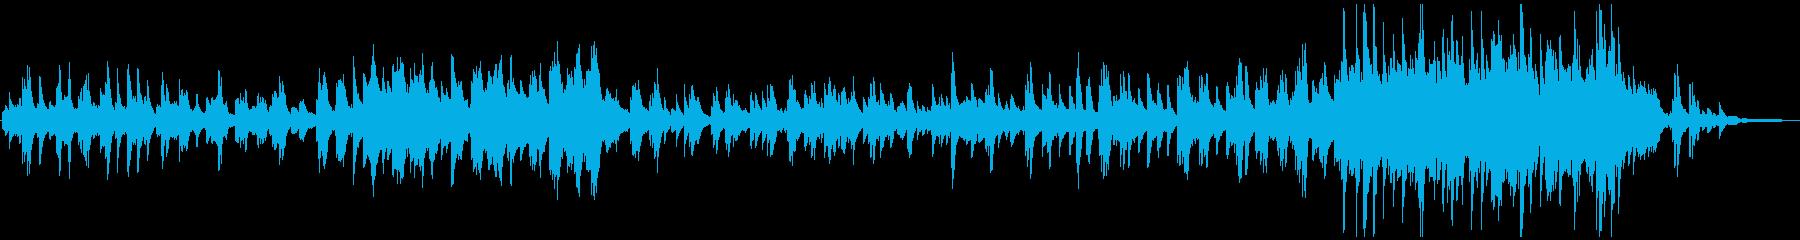 切ないピアノソロ曲。ADVゲームや広告にの再生済みの波形